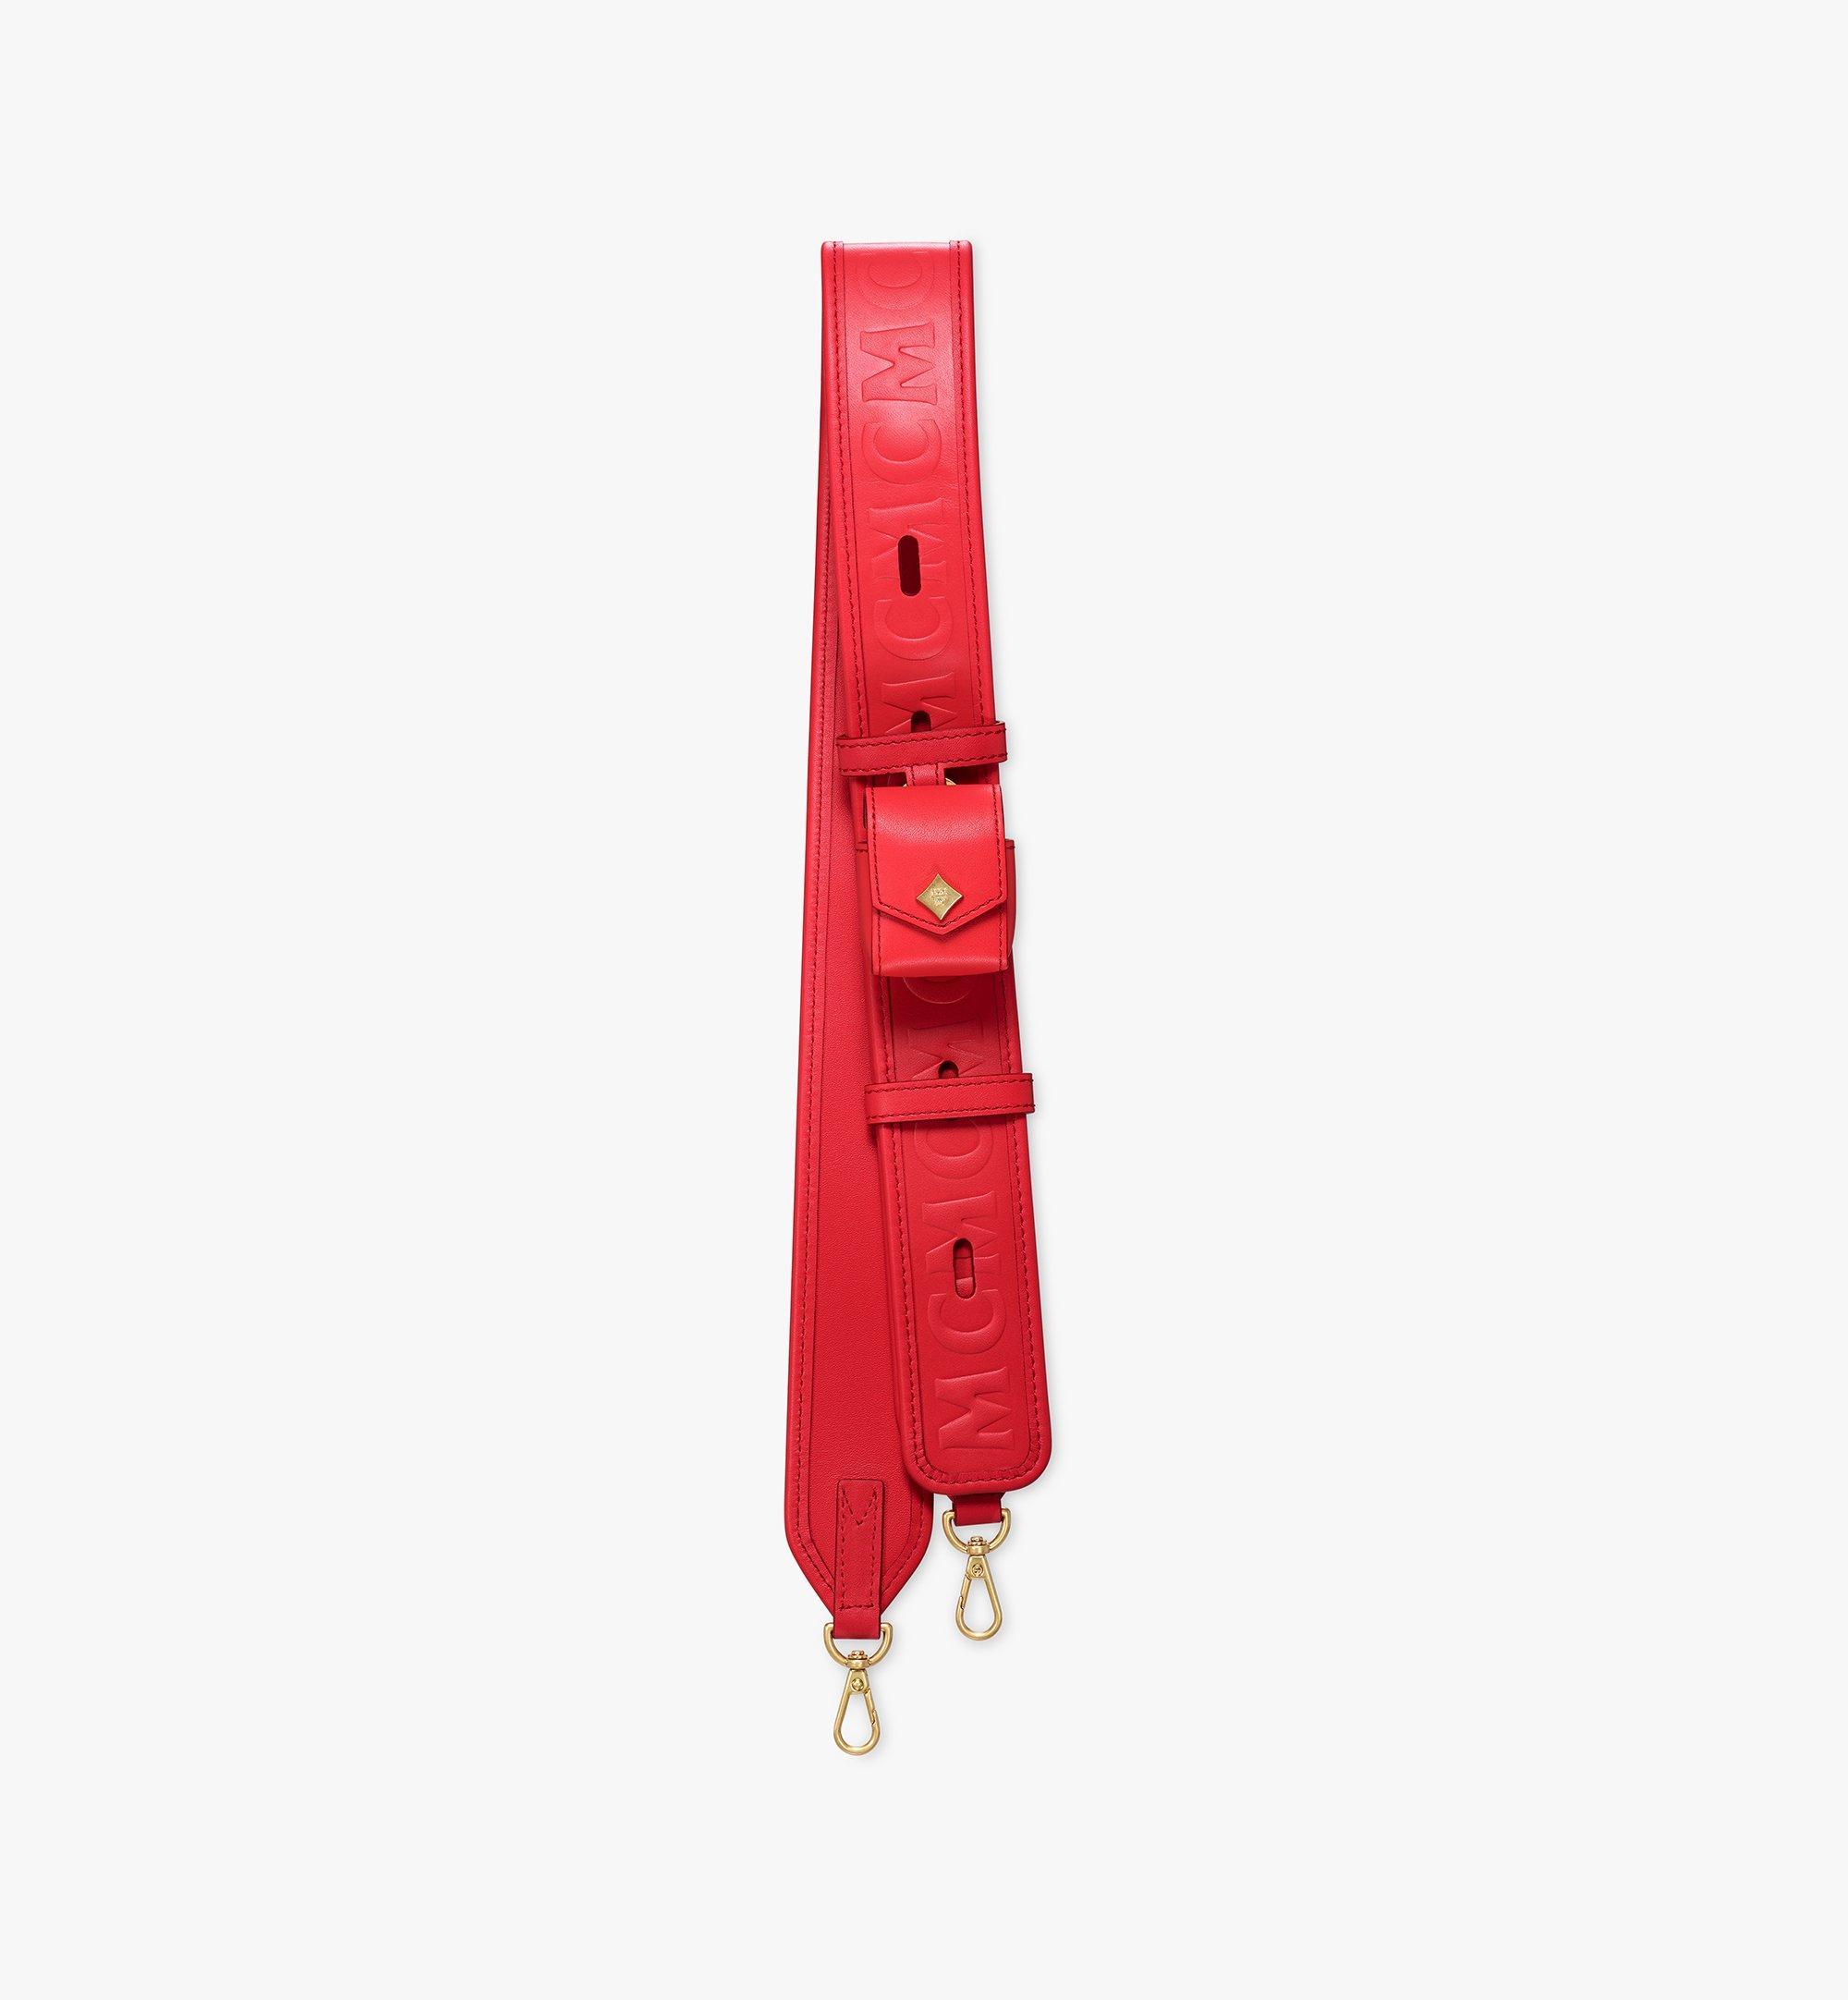 MCM MCM Collection Lederriemen mit Monogramm und AirPod Etui Red MYZAAMM06RP001 Noch mehr sehen 1